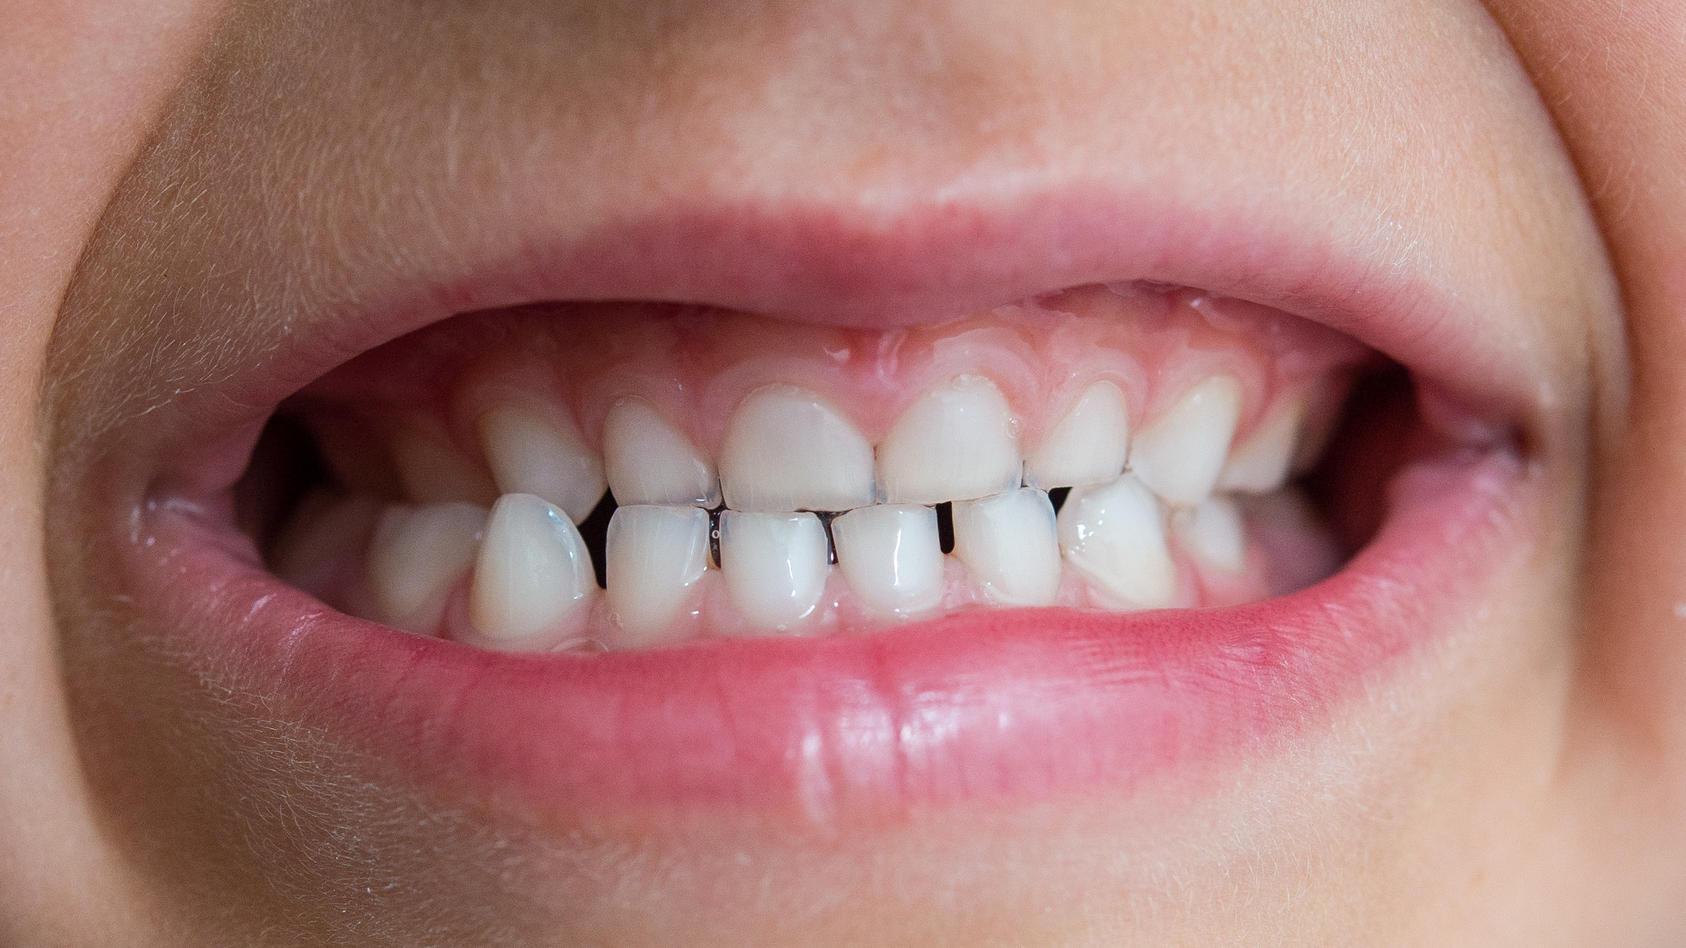 Antibiotika könnten eine Ursache der sogenannten Kreidezähne sein.